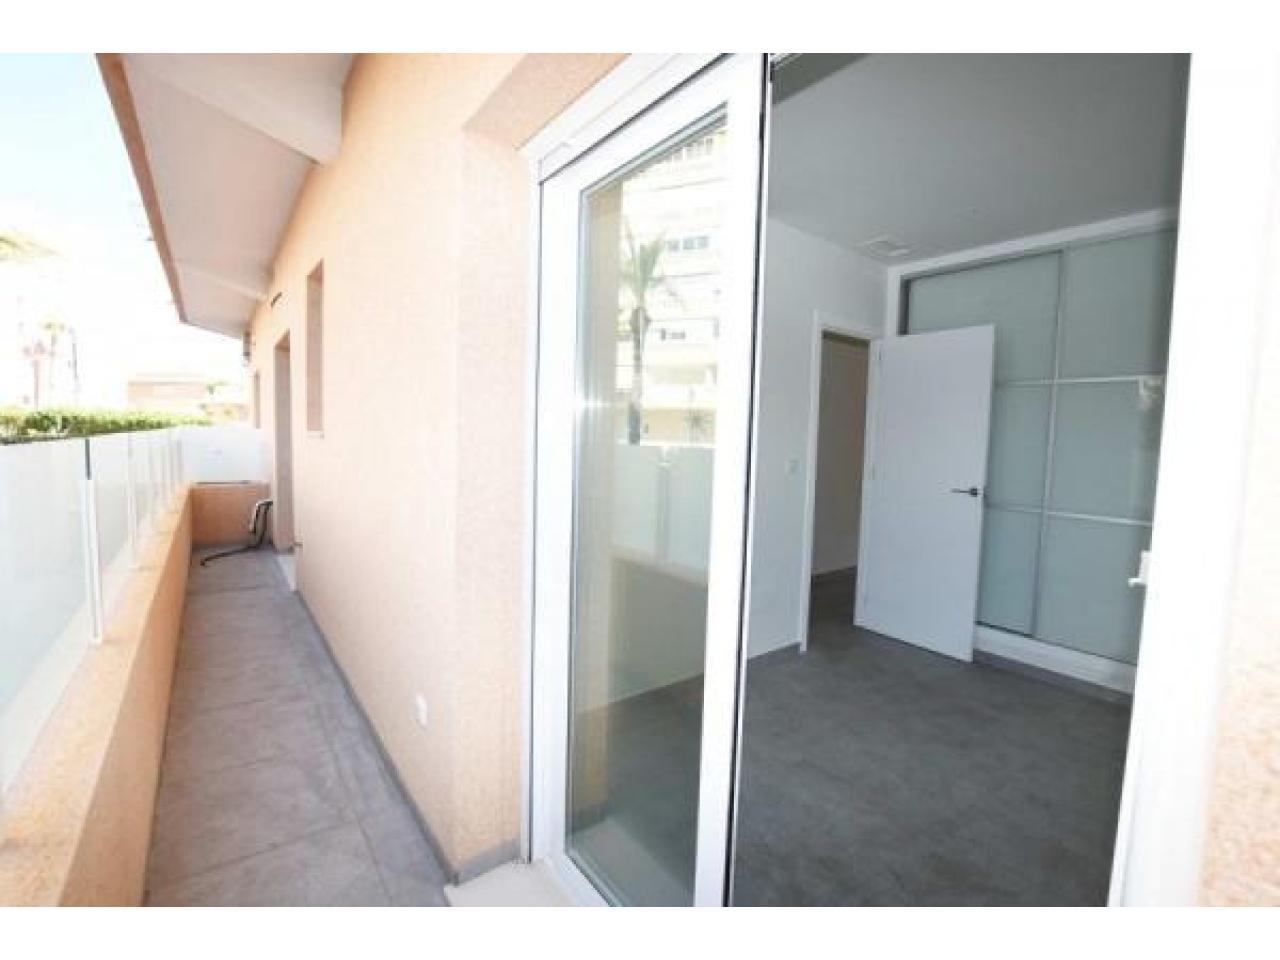 Недвижимость в Испании, Новые квартиры рядом с пляжем от застройщика в Ла Мата,Торревьеха - 6